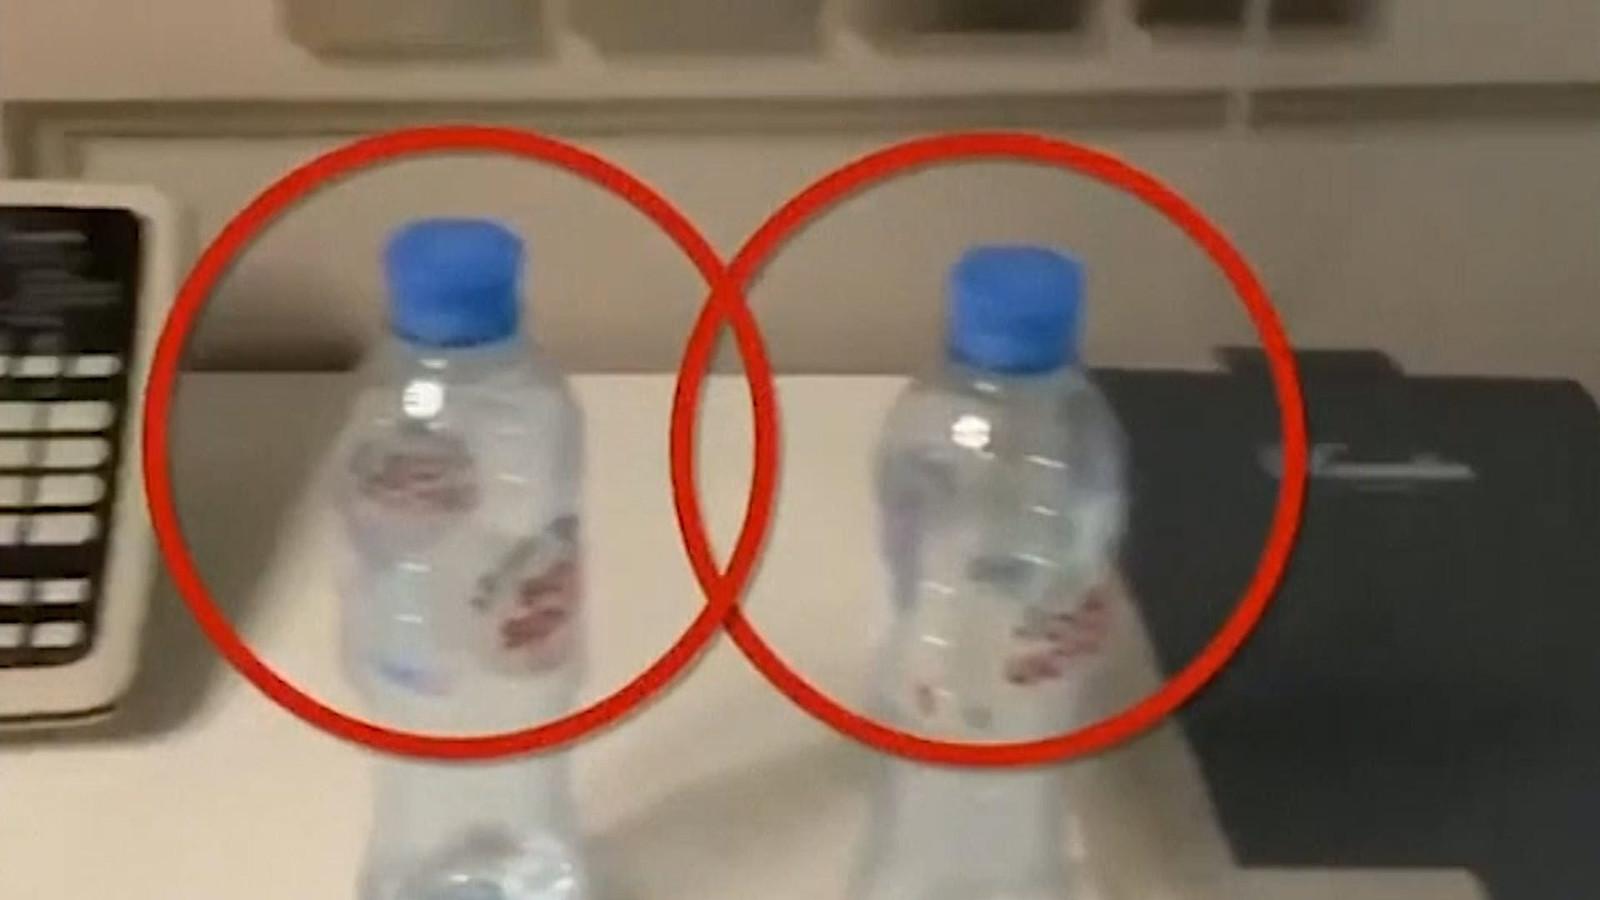 Het team van de Russische oppositieleider Aleksej Navalny vertelde dat sporen van een zenuwgif waren aangetroffen op een lege waterfles in zijn hotelkamer. Daar verzamelden medewerkers van de politicus zelf bewijsmateriaal nadat hij onwel was geworden.